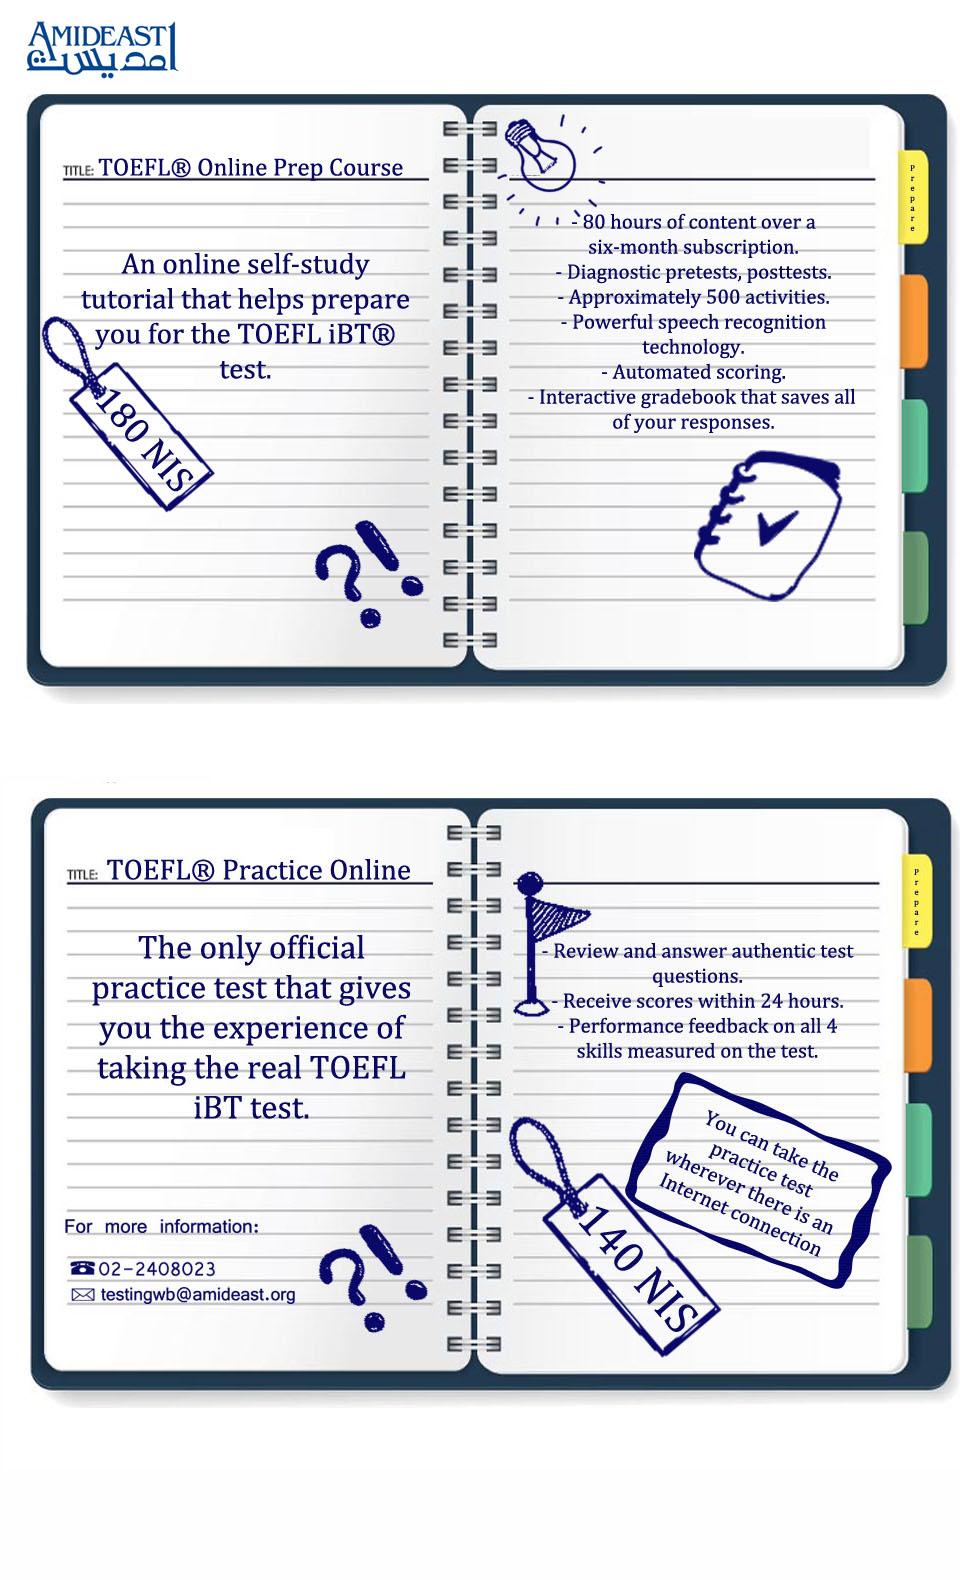 TOEFL iBT® Test | AMIDEAST